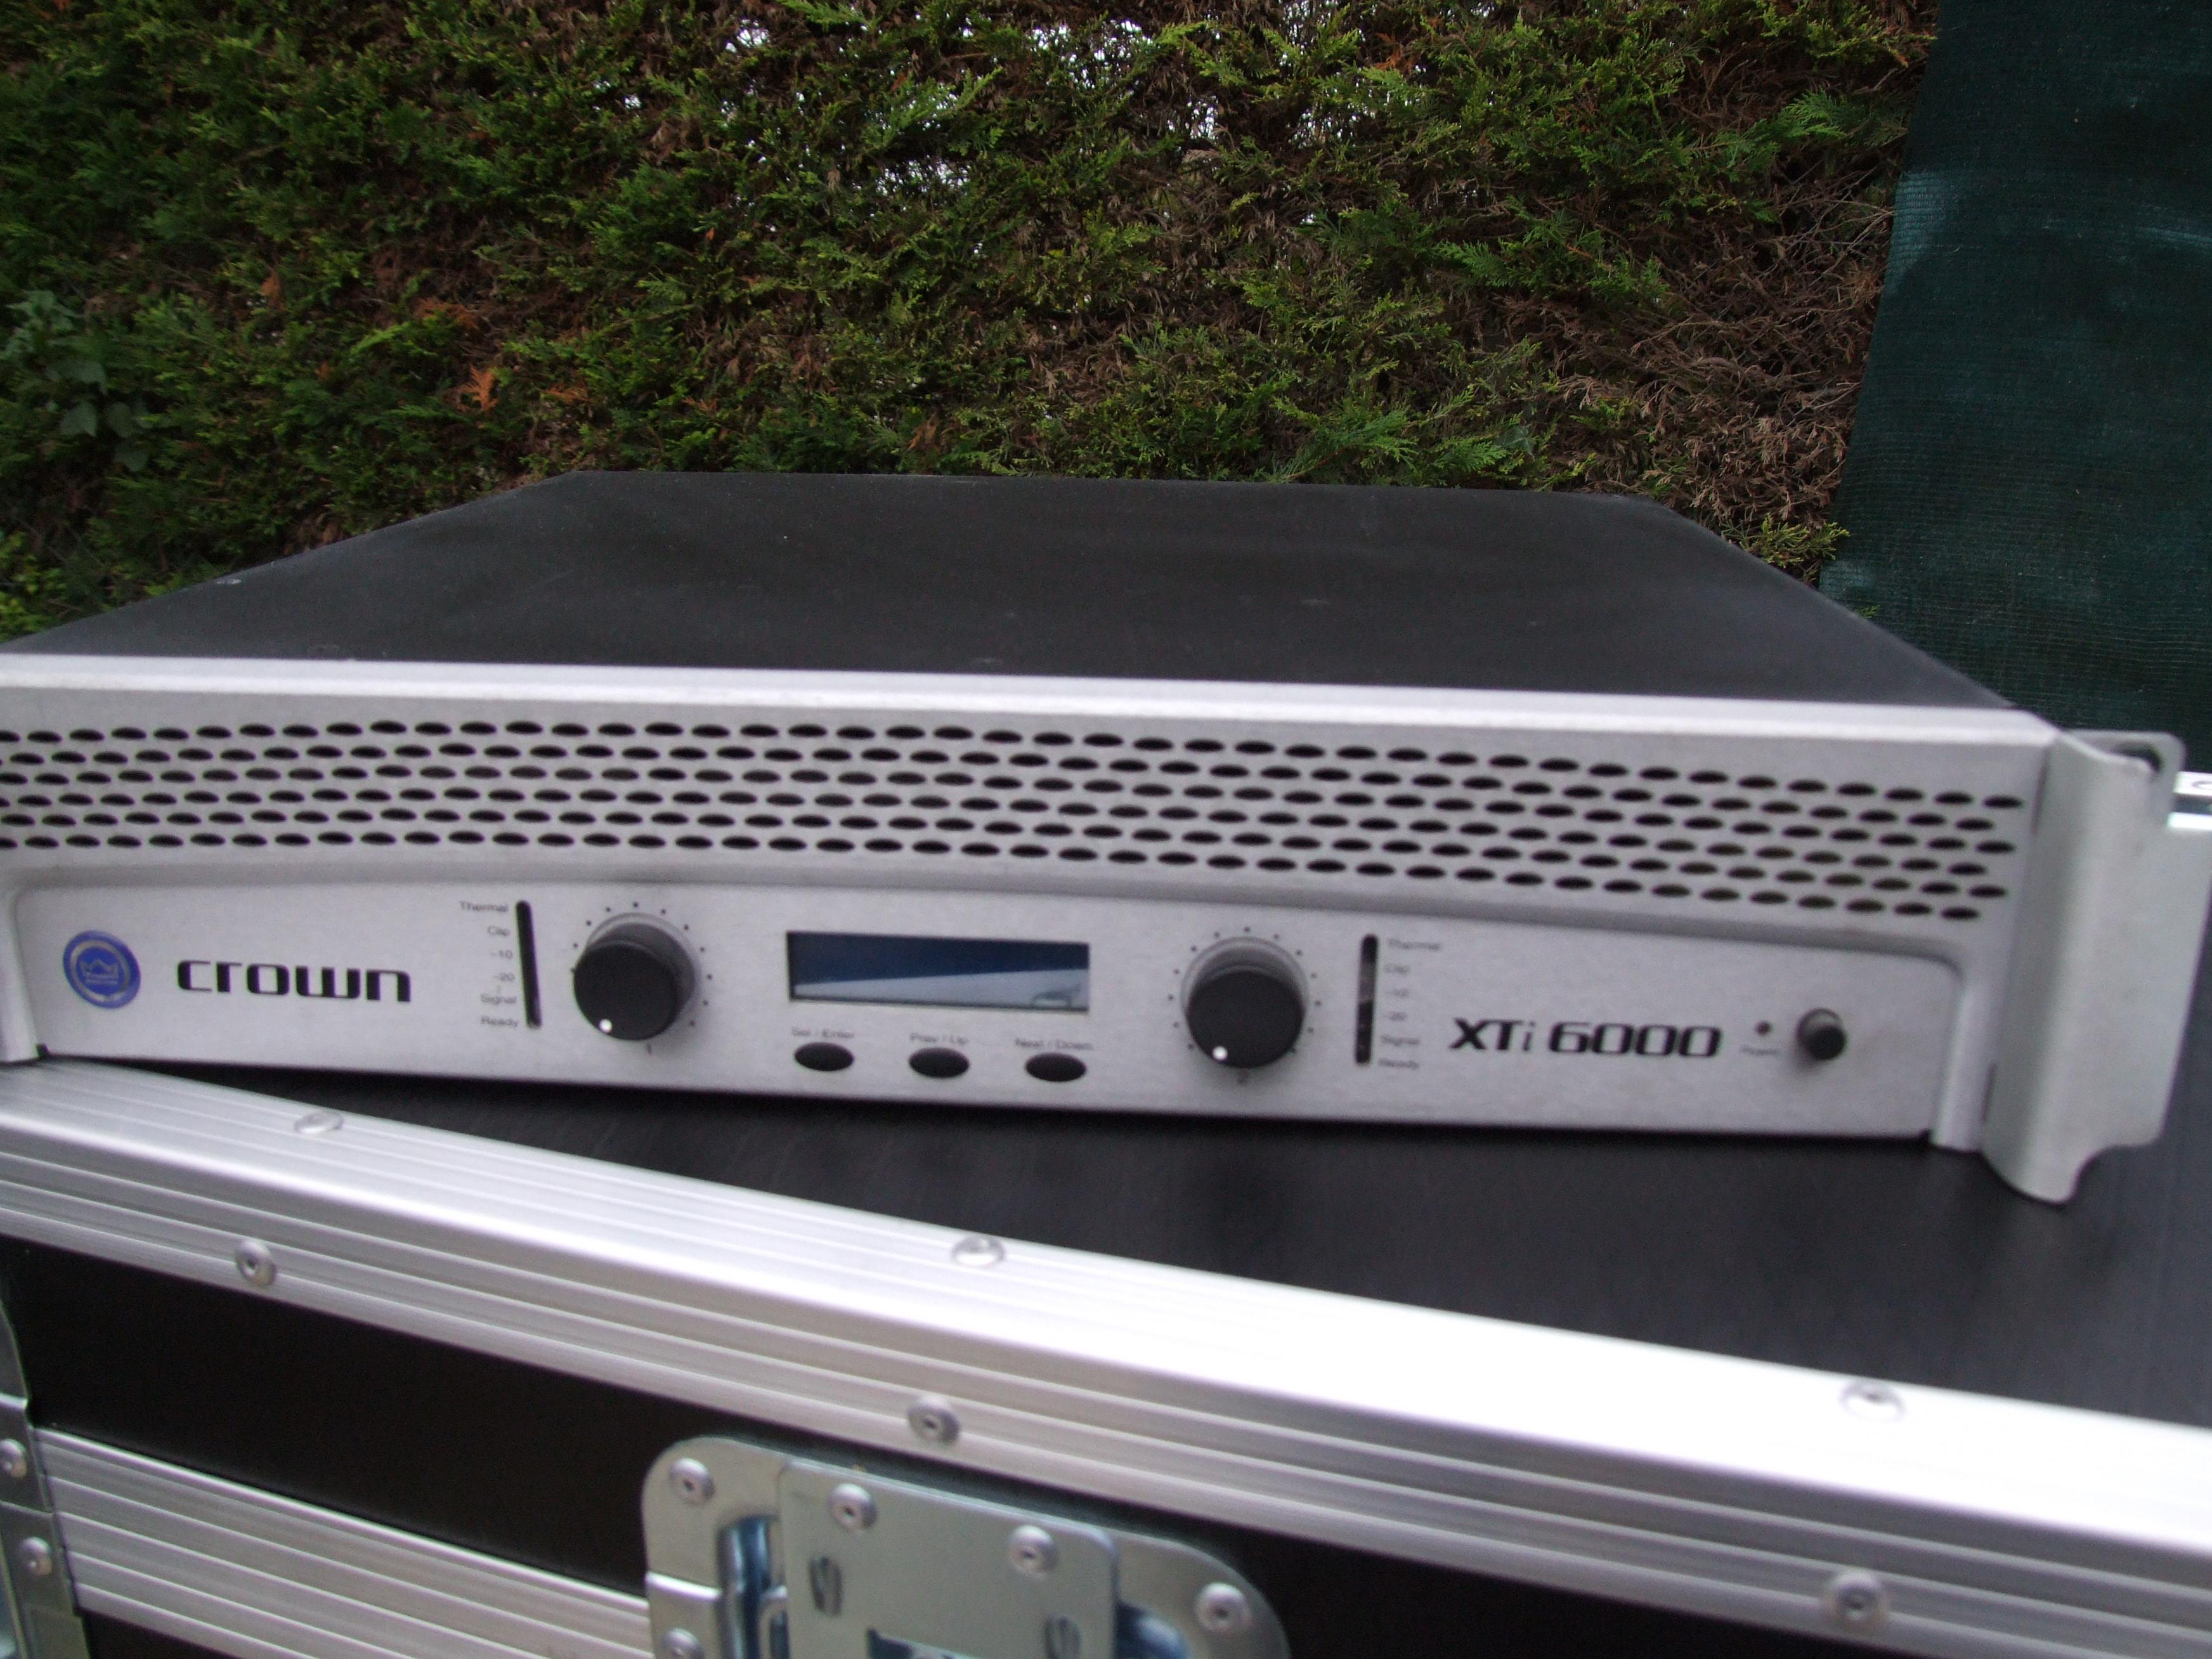 Crown Xti 6000 : xti 6000 crown xti 6000 audiofanzine ~ Russianpoet.info Haus und Dekorationen